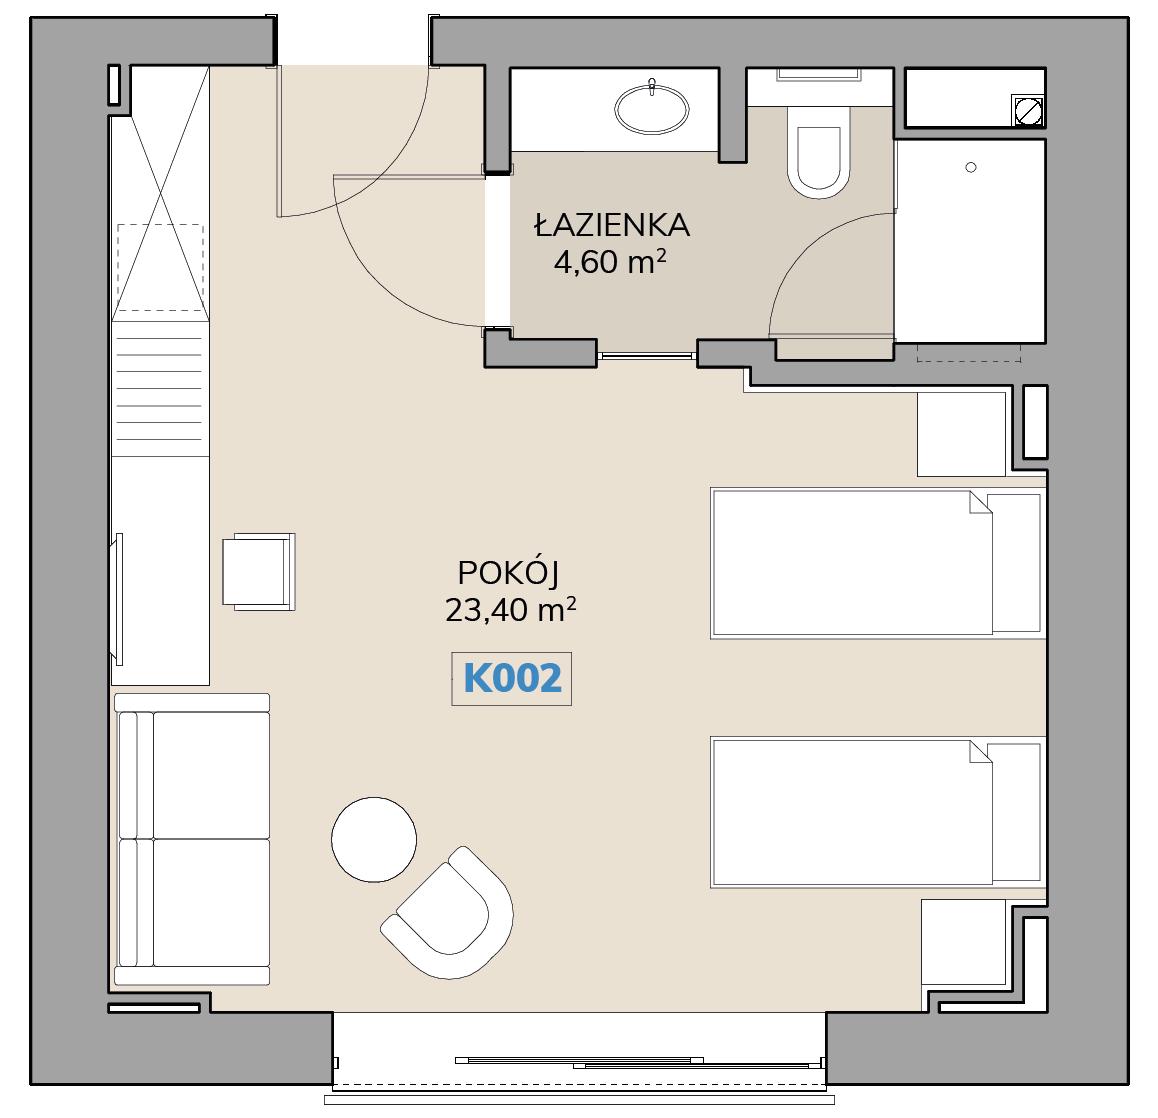 Apartament K002